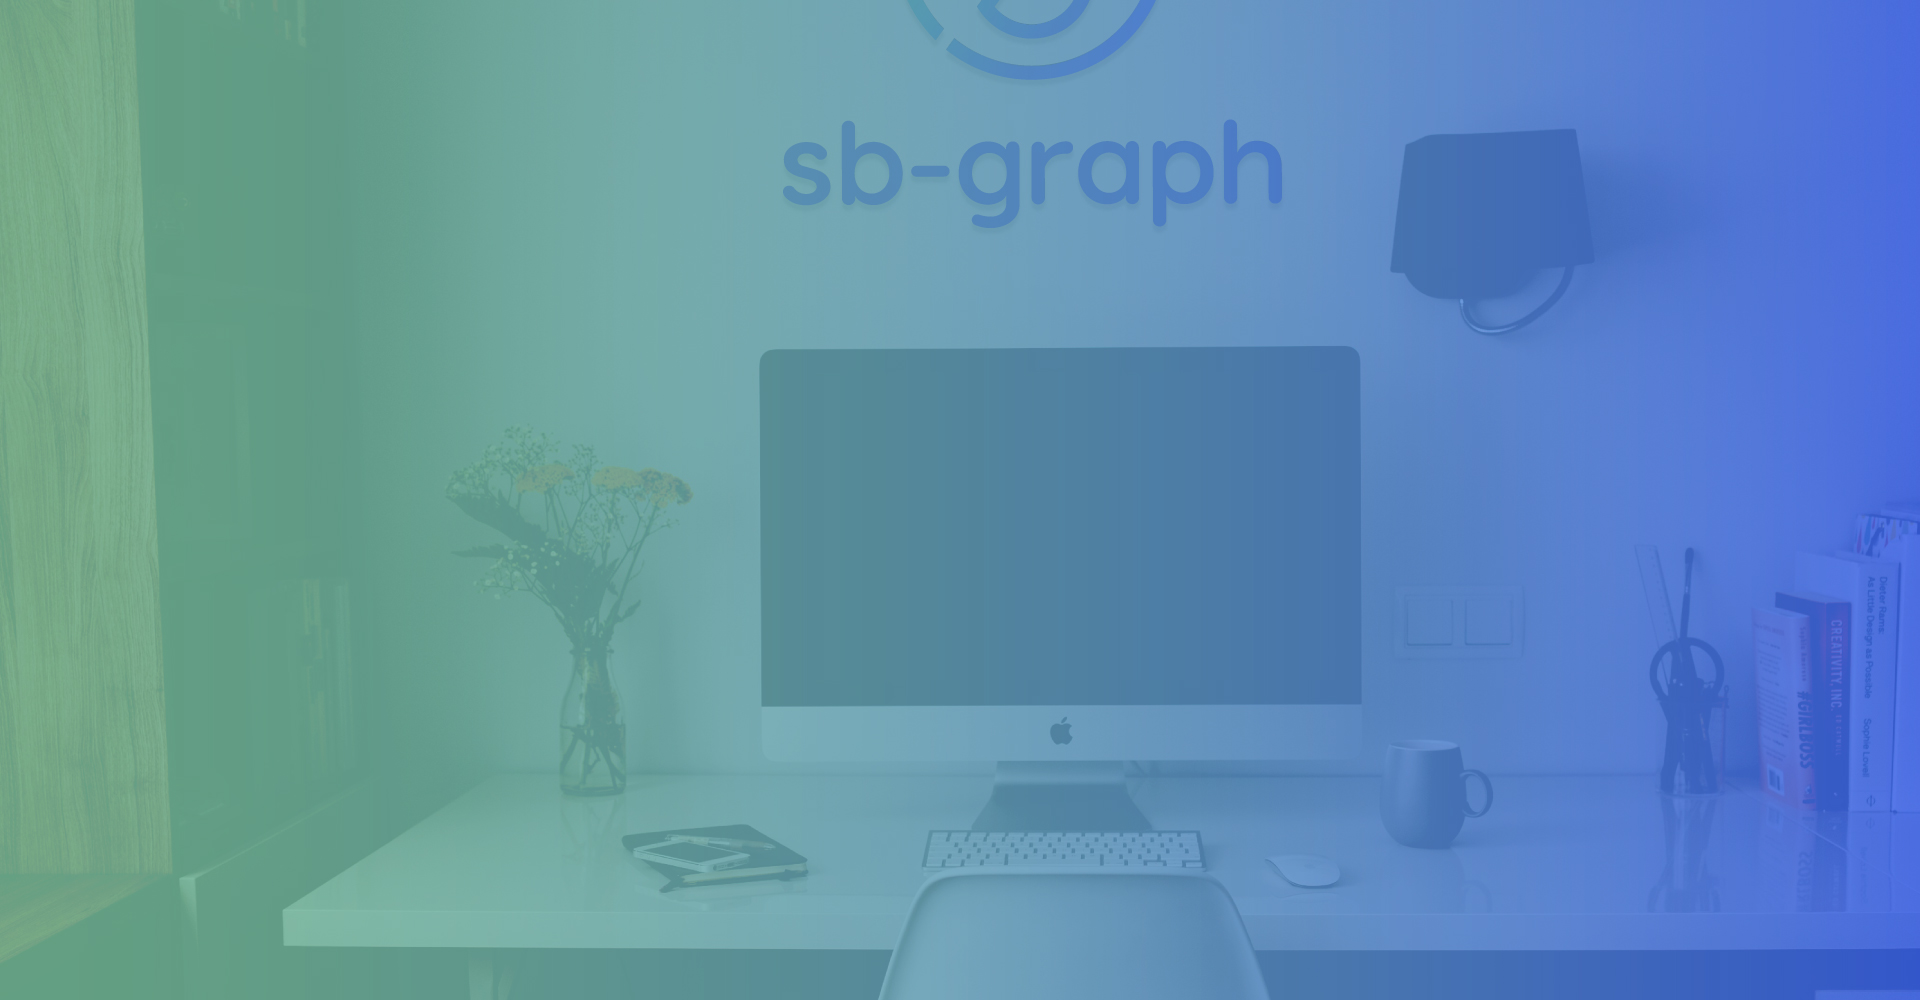 SB-GRAPH est un studio de design graphique indépendant spécialisé dans la Communication Globale et Digitale dans le Sud de la France.